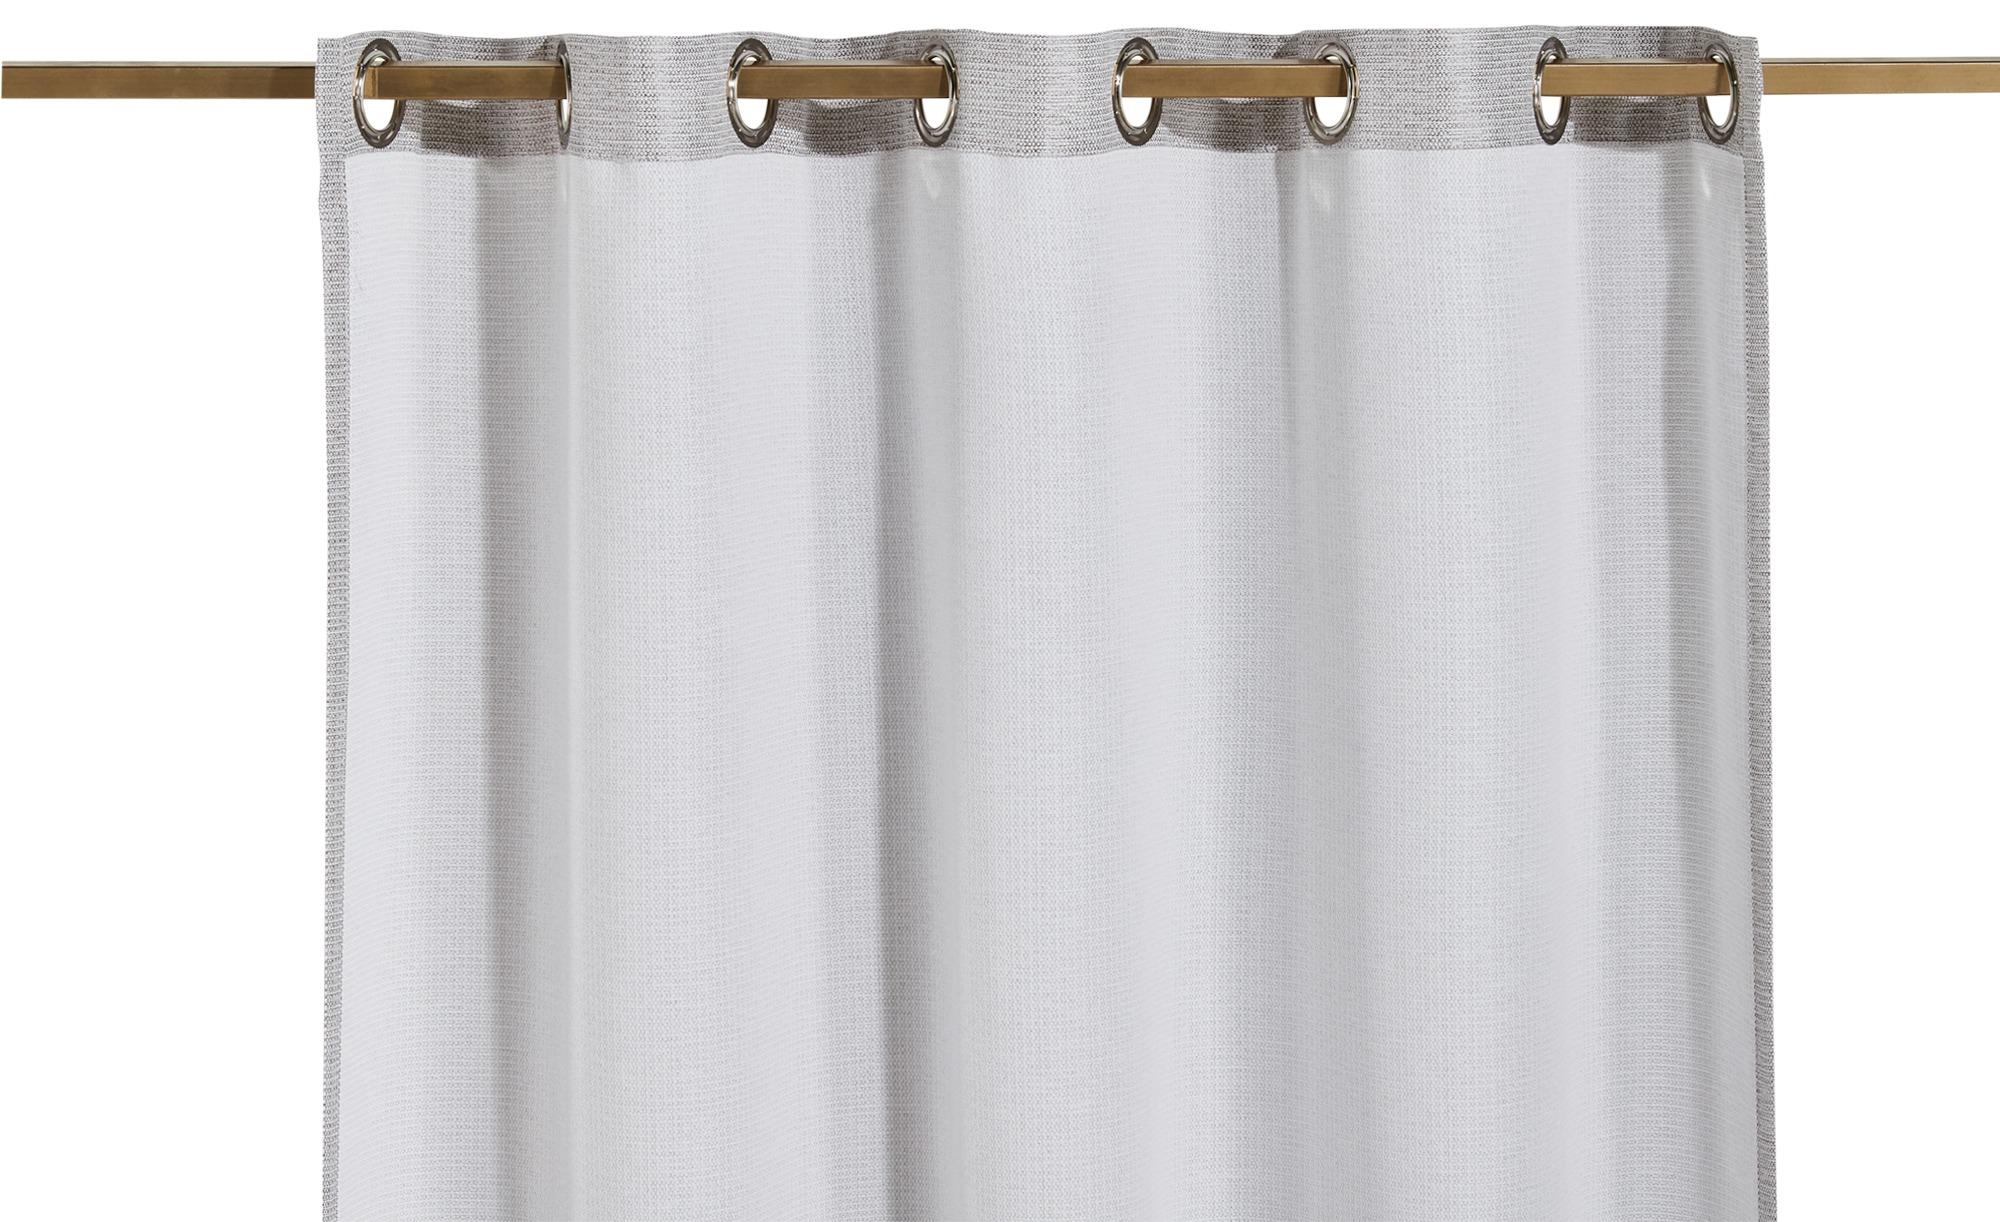 como Ösenschal  Mara - beige - 100% Polyester - 140 cm - 245 cm - Gardinen & Vorhänge > Gardinen > Ösenschals - Möbel Kraft | Heimtextilien > Gardinen und Vorhänge > Vorhänge | como